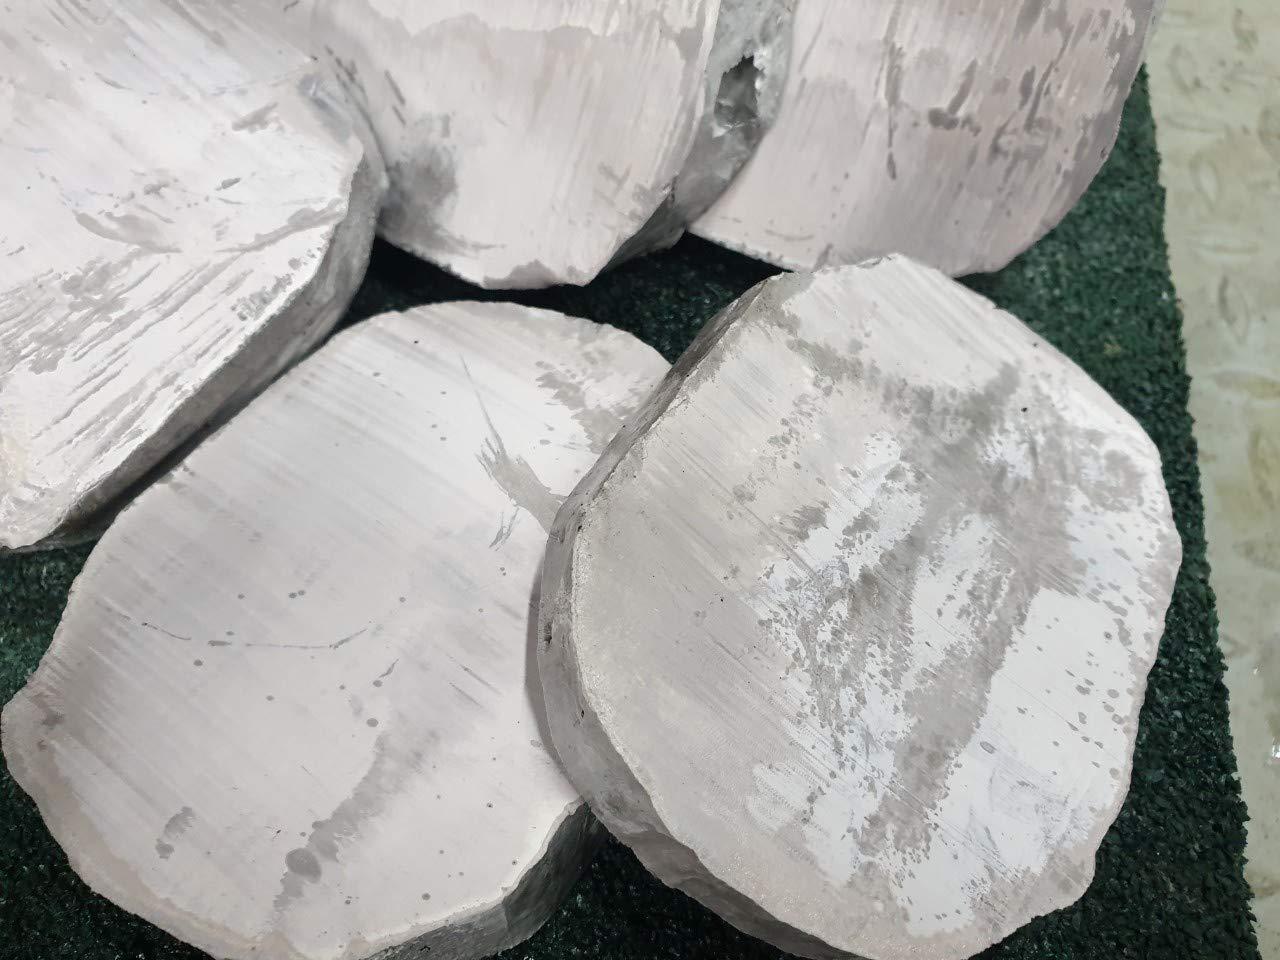 Sodium metal Natrium Na Alkalimetals 99.8% Mejor calidad en línea. (1, 1Kg)